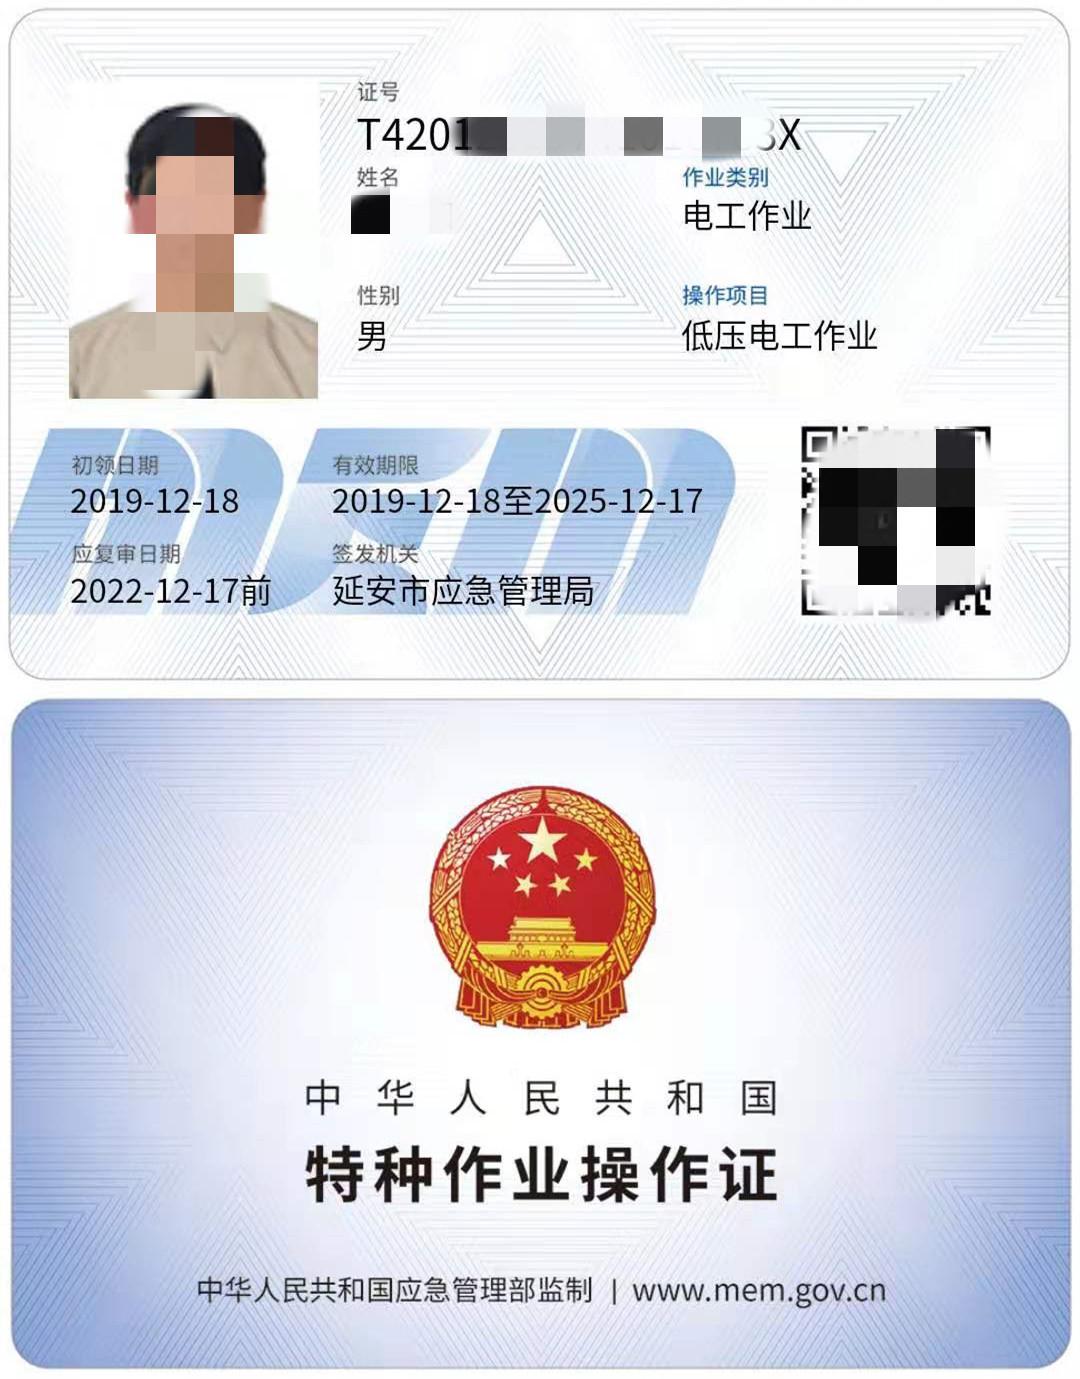 2020年湖北省安监局特种工报名考试时间你知道吗?甘建二告诉您